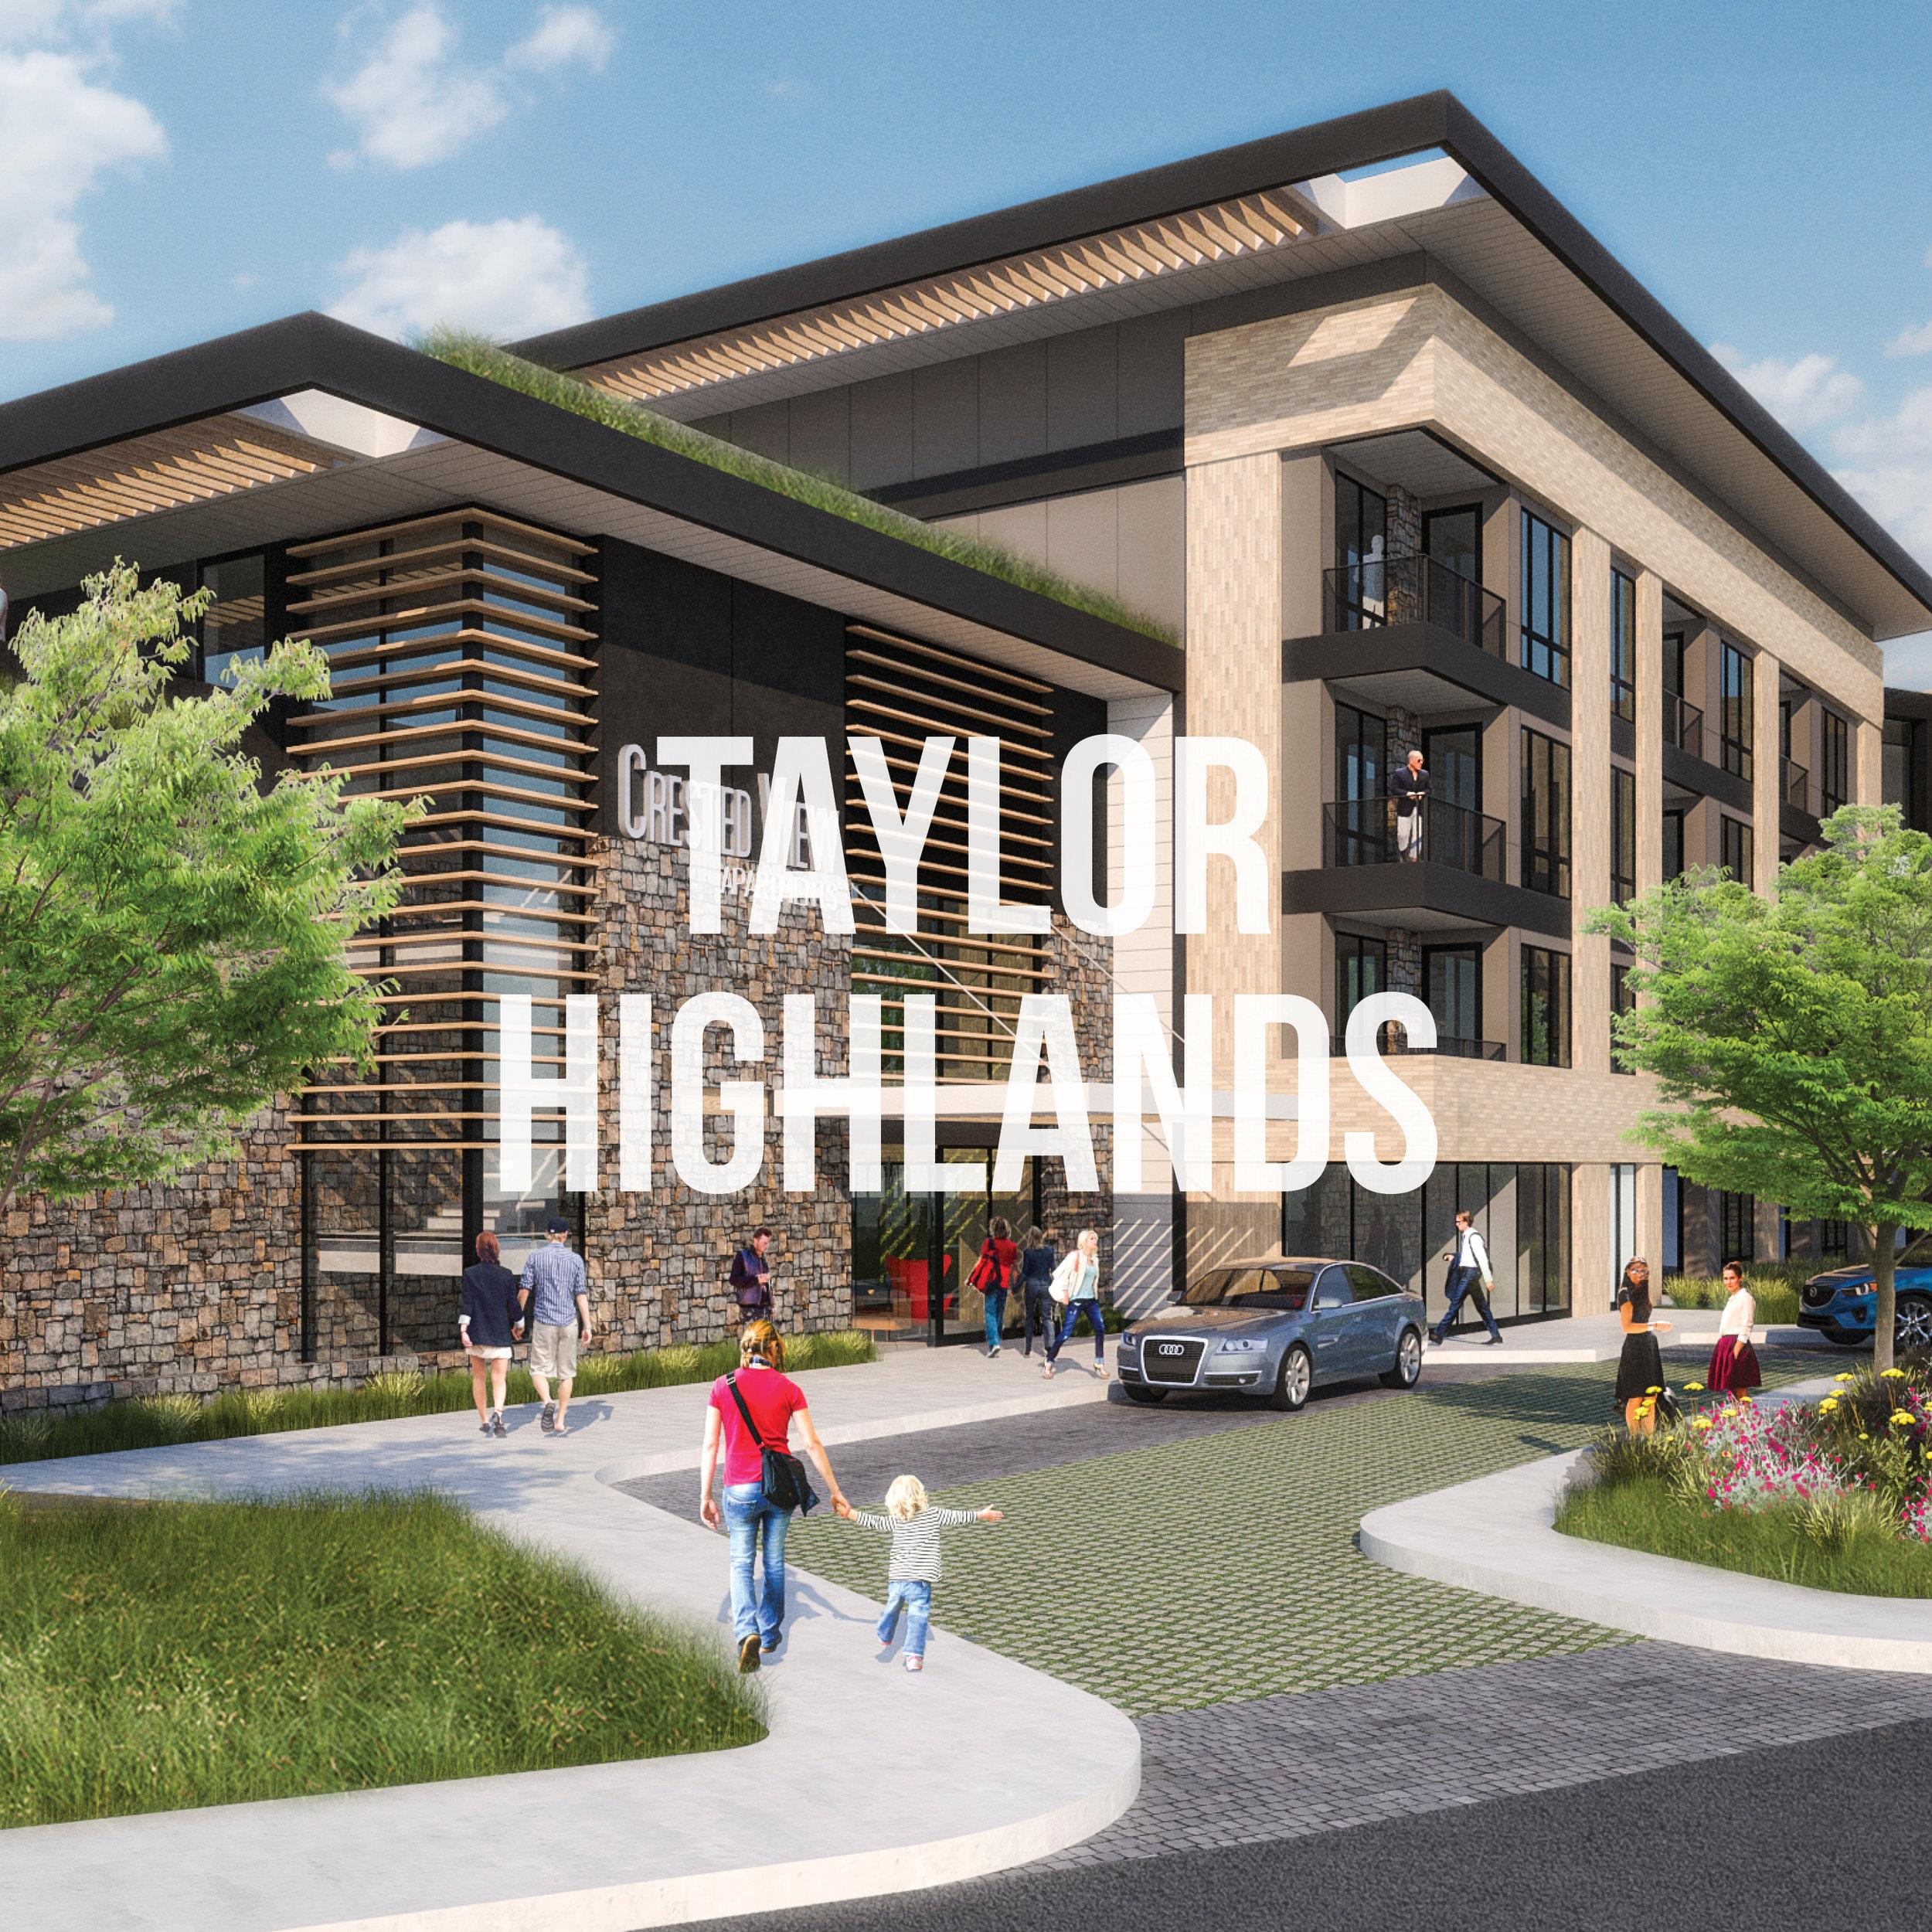 Taylor Highlands